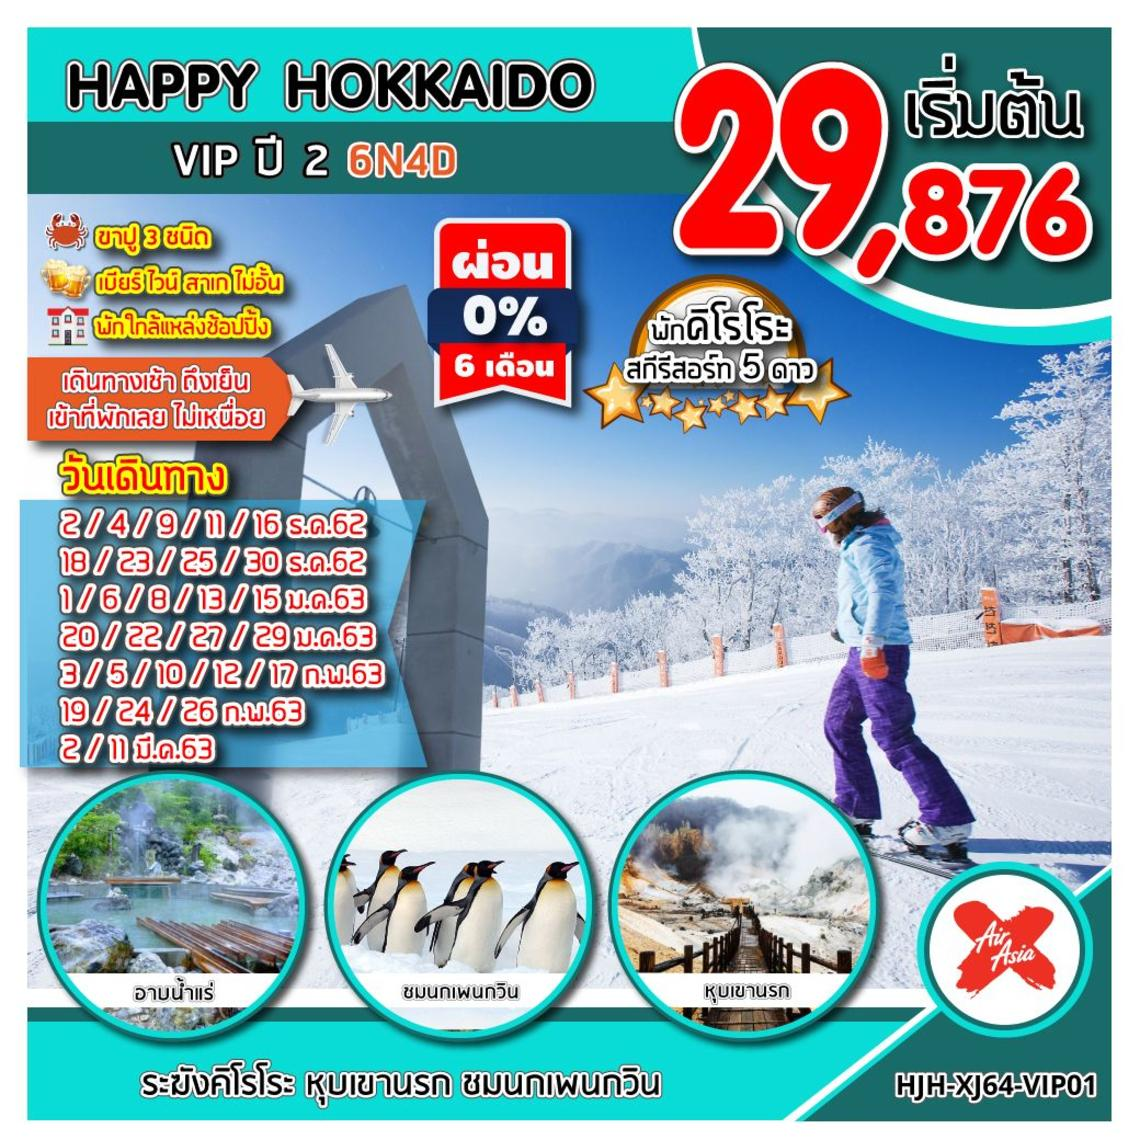 ทัวร์ญี่ปุ่น ทัวร์ฮอกไกโด HJH-XJ64-VIP01 HAPPY HOKKAIDO BEST OF SNOW พัก คิโรโระ สกีรีสอร์ท